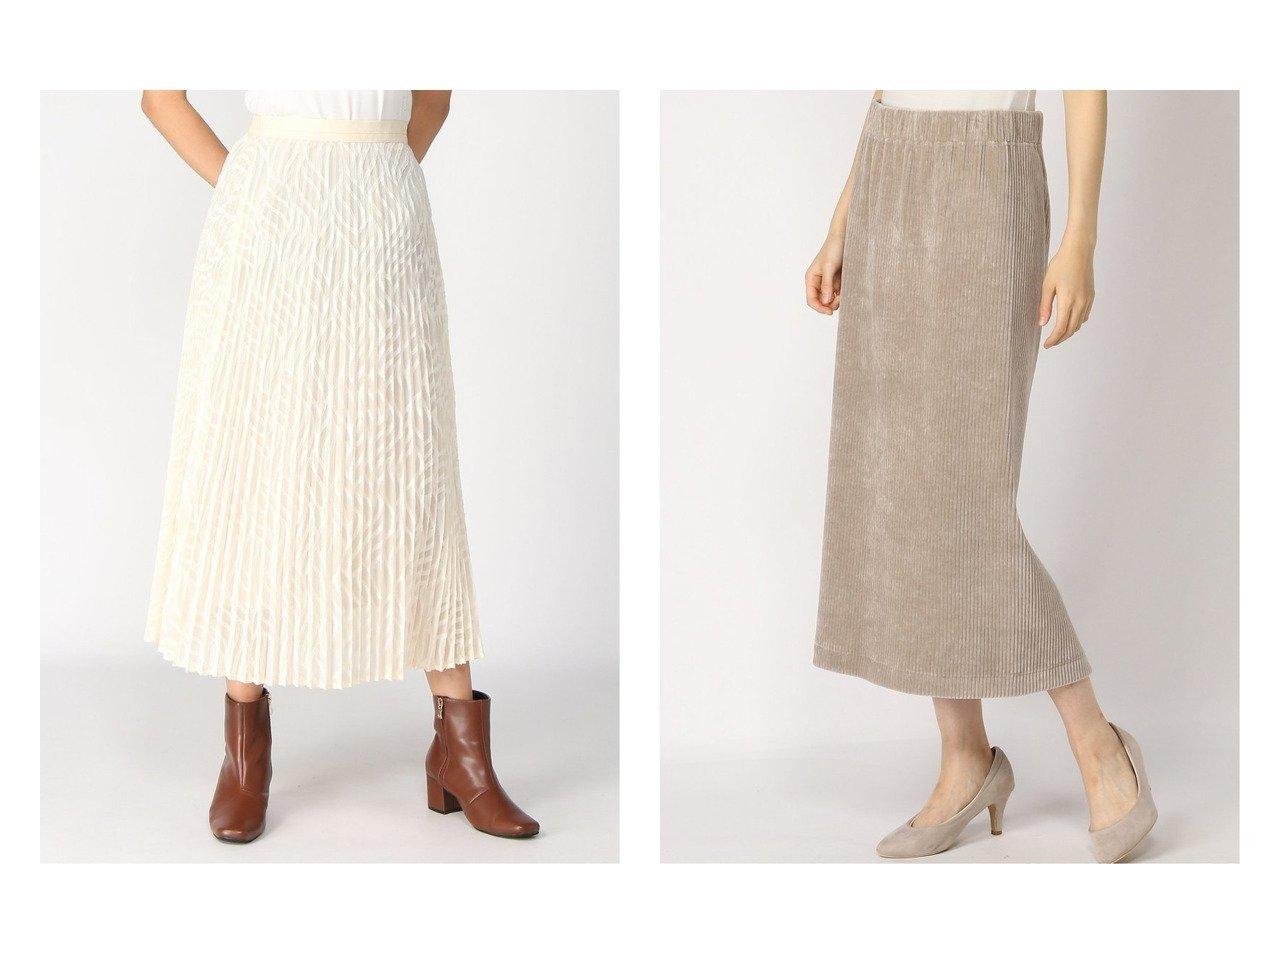 【BARNYARDSTORM/バンヤードストーム】のジャカードシフォンSK&【IENA/イエナ】のコーデュロイジャージSK Re2 スカートのおすすめ!人気、レディースファッションの通販 おすすめファッション通販アイテム インテリア・キッズ・メンズ・レディースファッション・服の通販 founy(ファニー) ファッション Fashion レディース WOMEN スカート Skirt ロングスカート Long Skirt プリーツスカート Pleated Skirts A/W 秋冬 Autumn & Winter コーデュロイ ジャージ ストレート バランス ロング 人気 ギャザー シフォン ジャカード プリーツ 今季 ホワイト系 White ブラック系 Black |ID:crp329100000004909